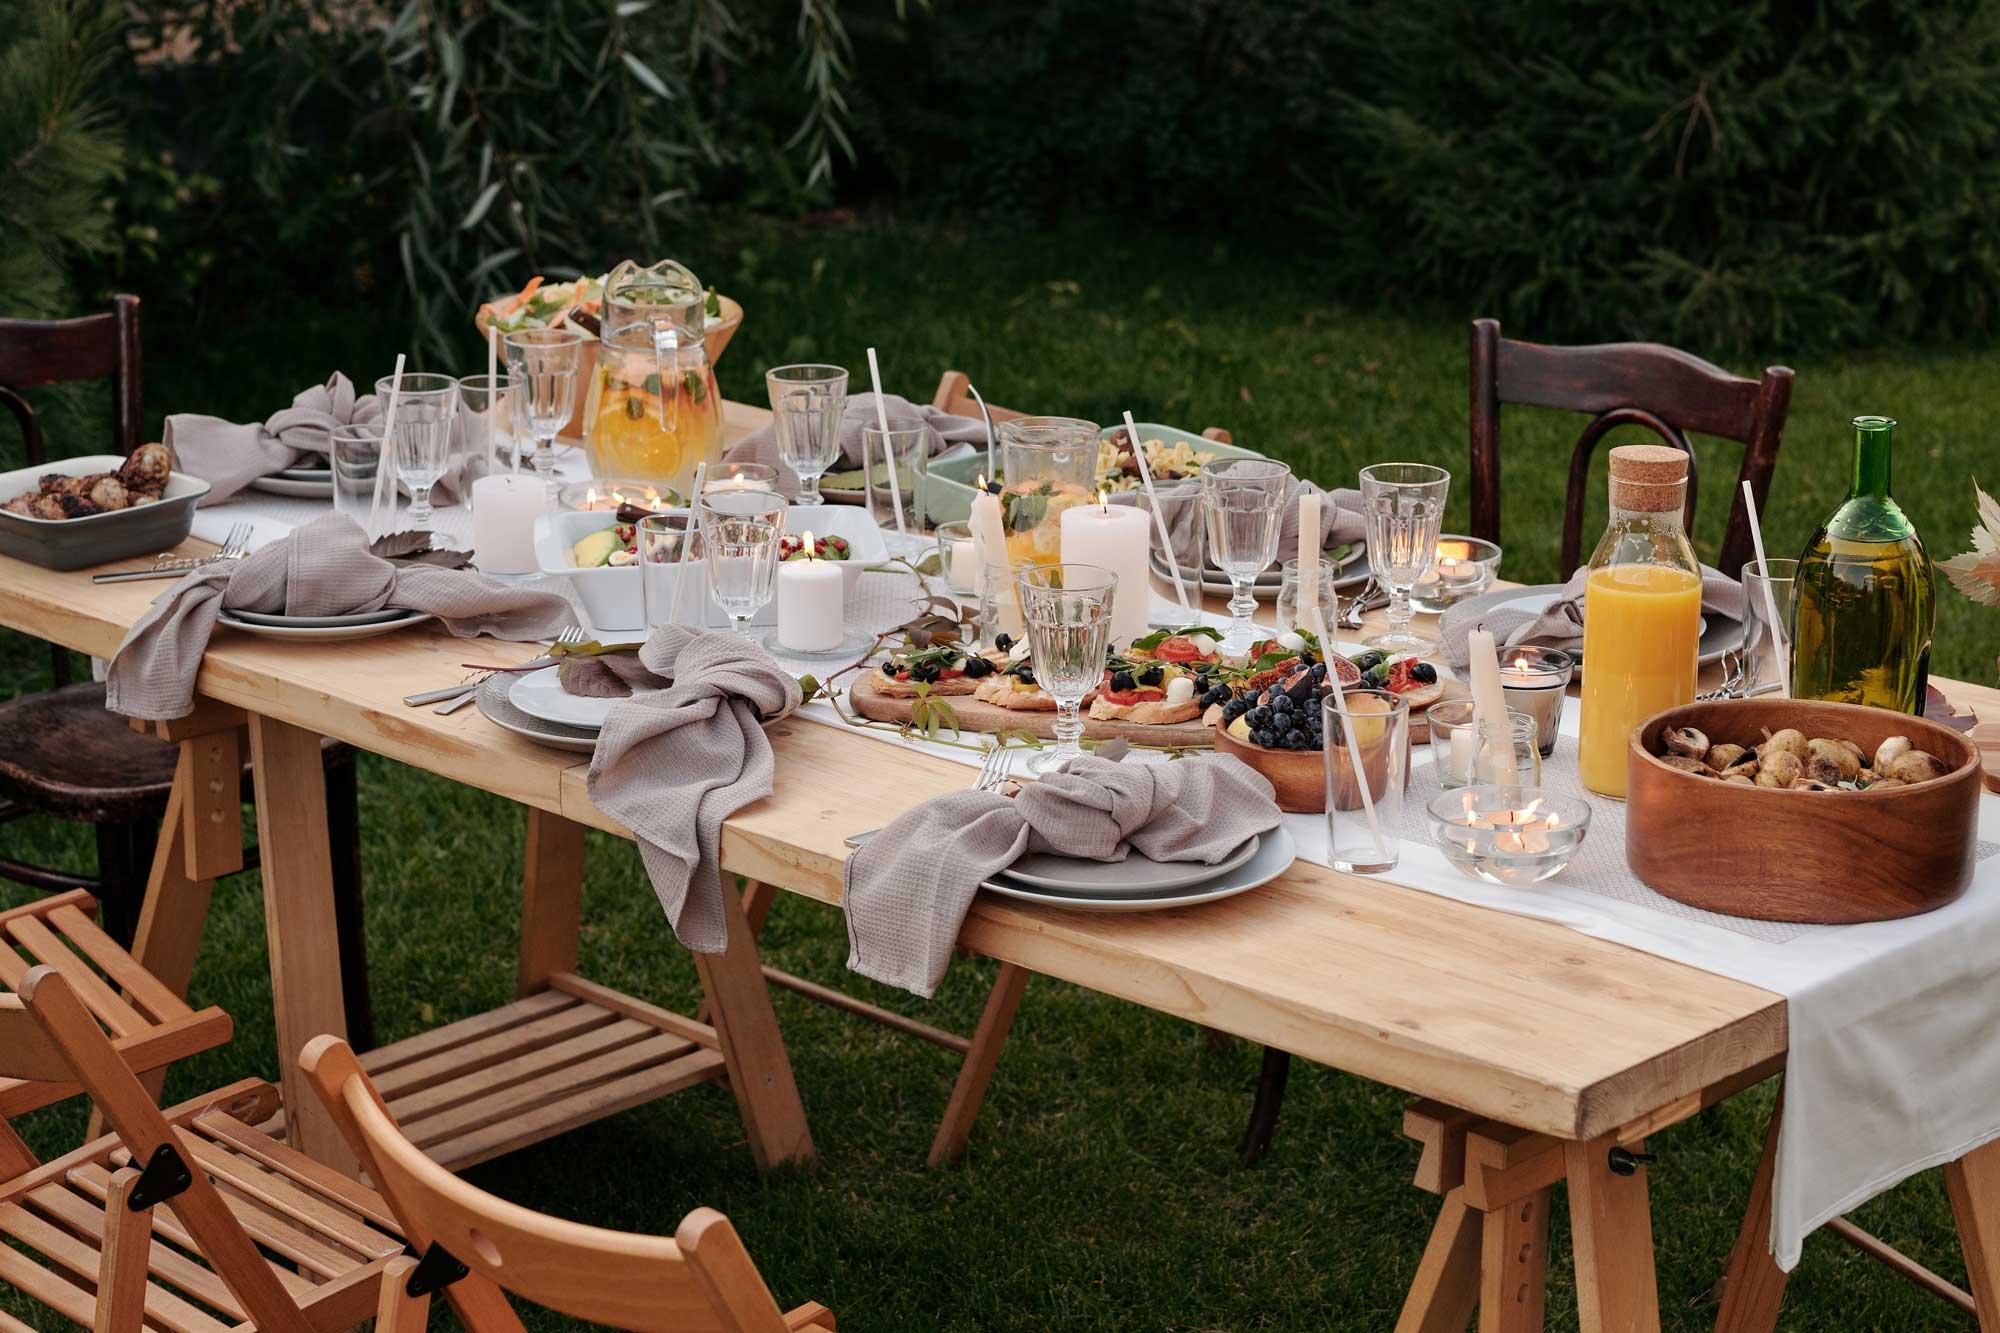 Ein Tisch voller Essen und Geschirr